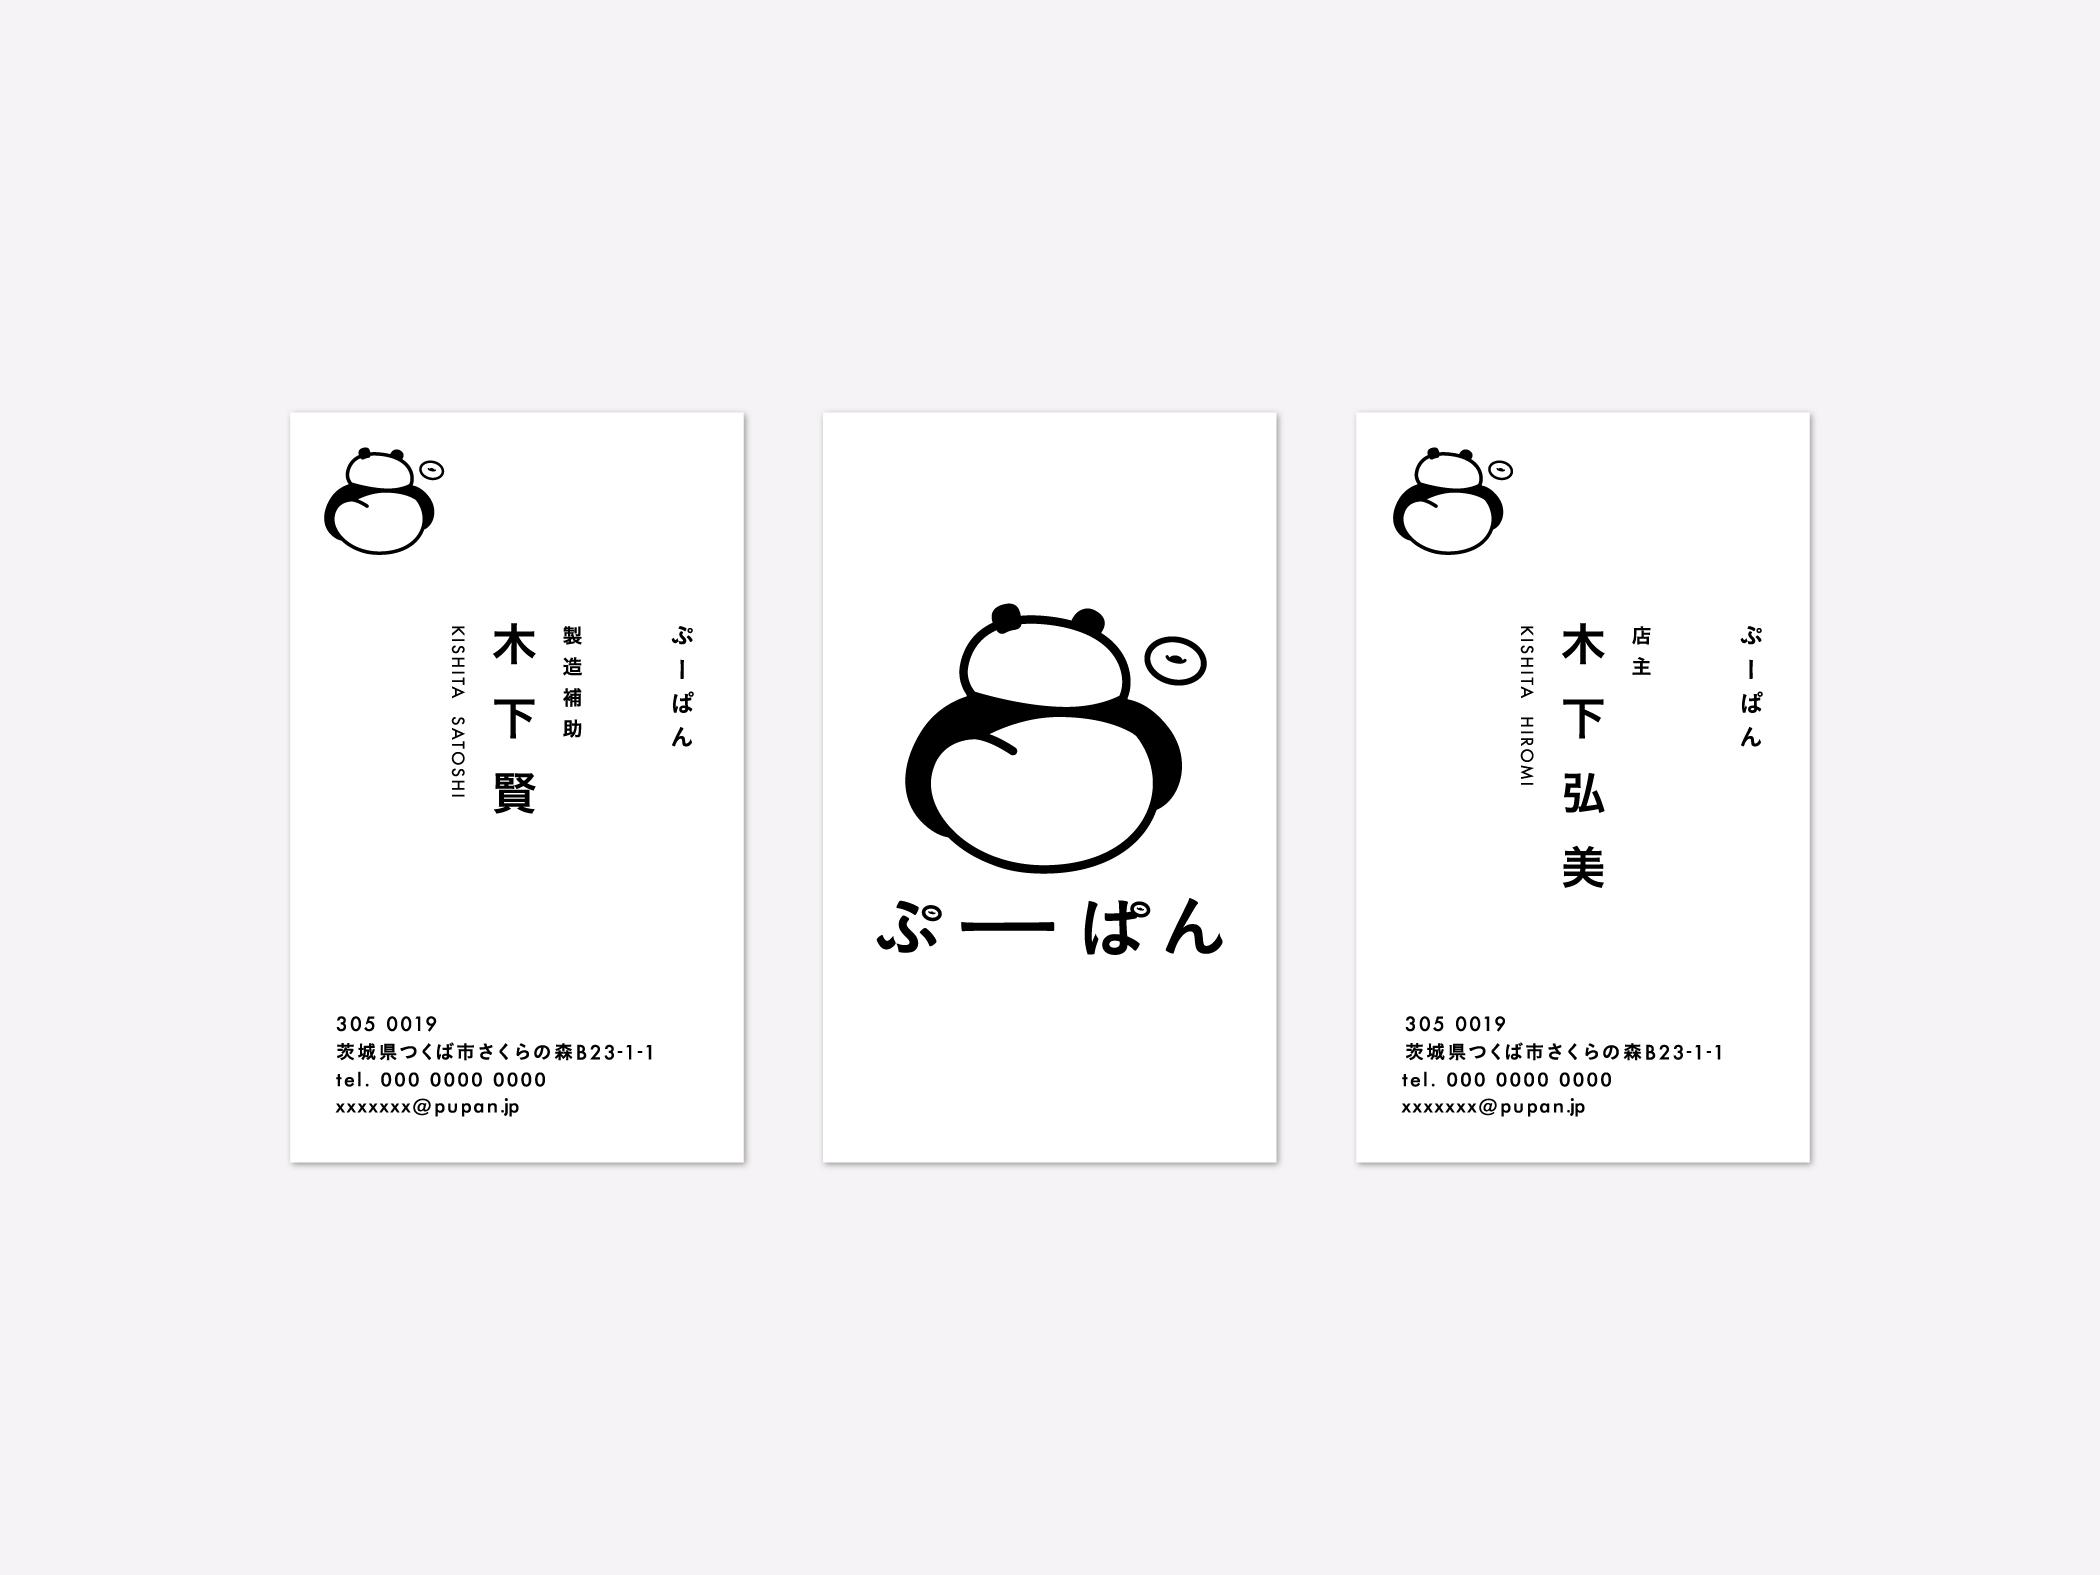 ぷーぱんの名刺